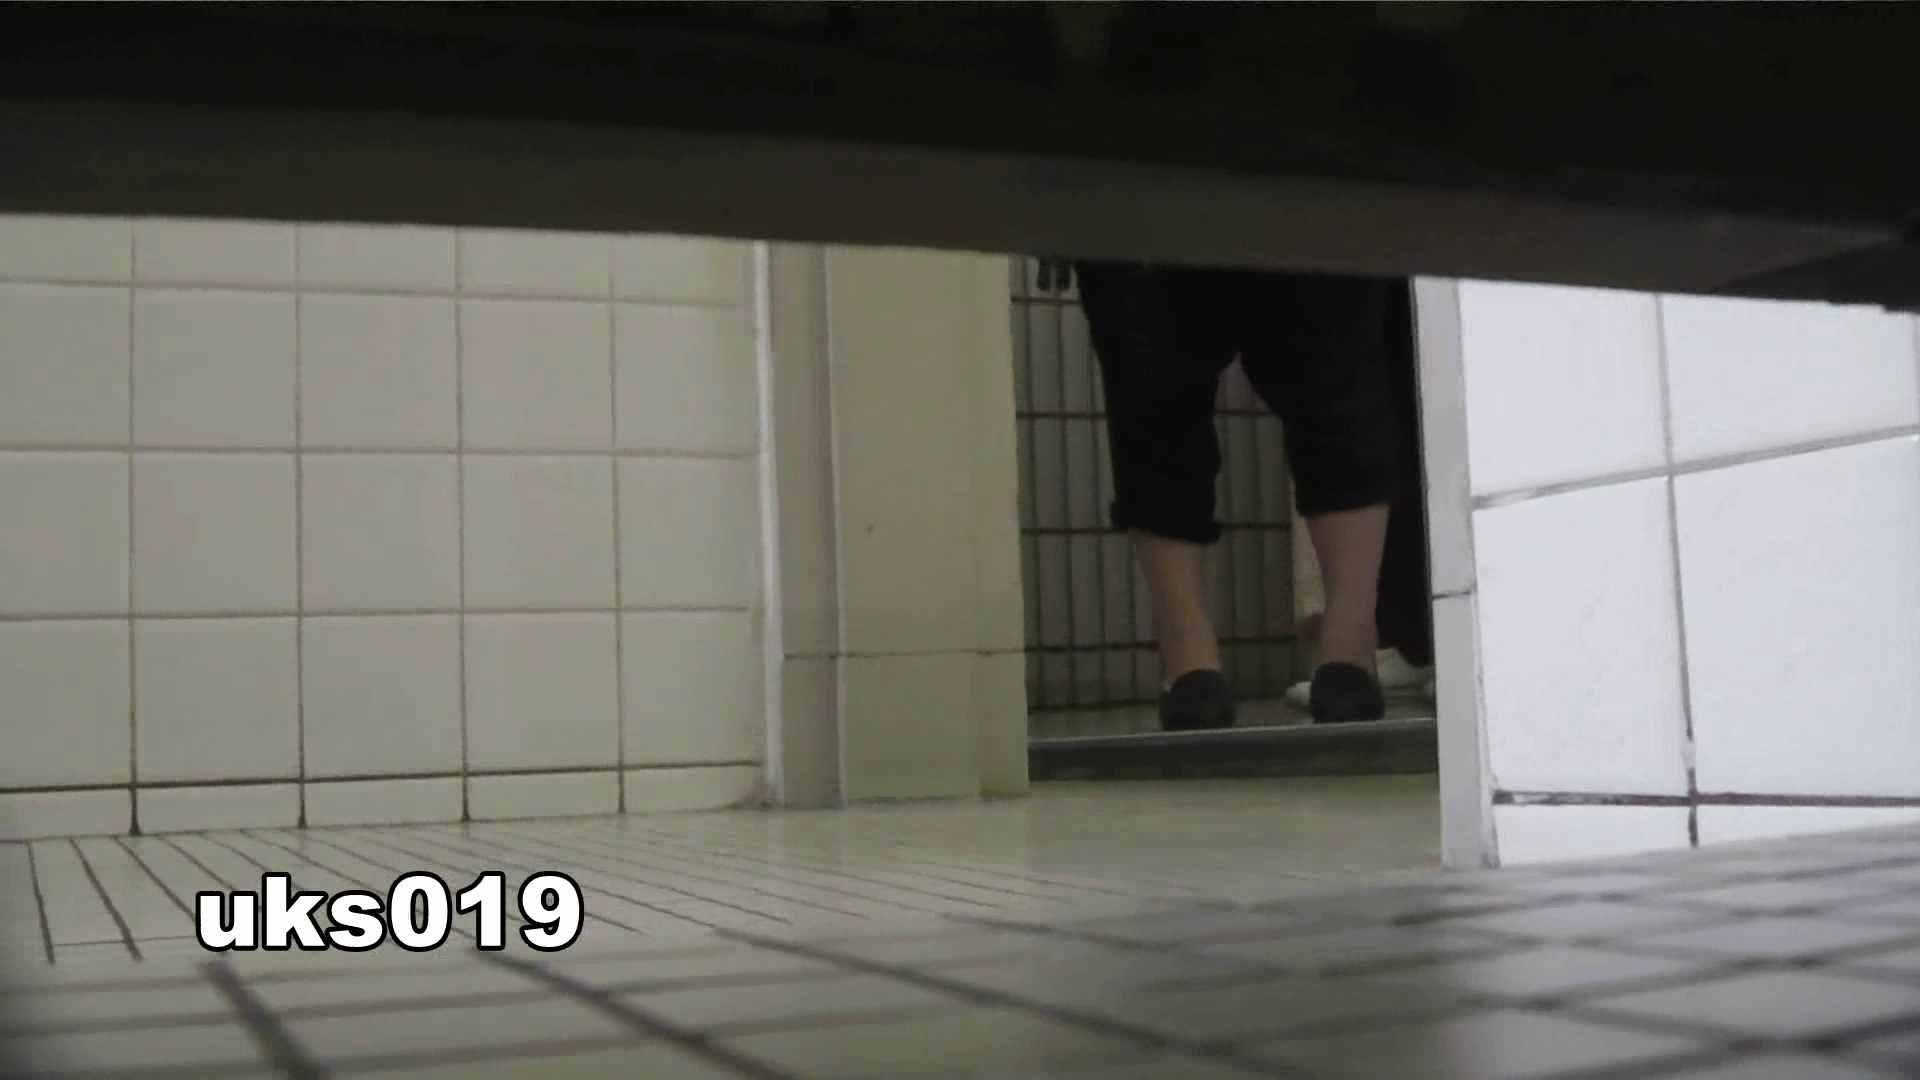 【美しき個室な世界】 vol.019 命知らず、殉職覚悟で決闘! OL女体  58連発 50